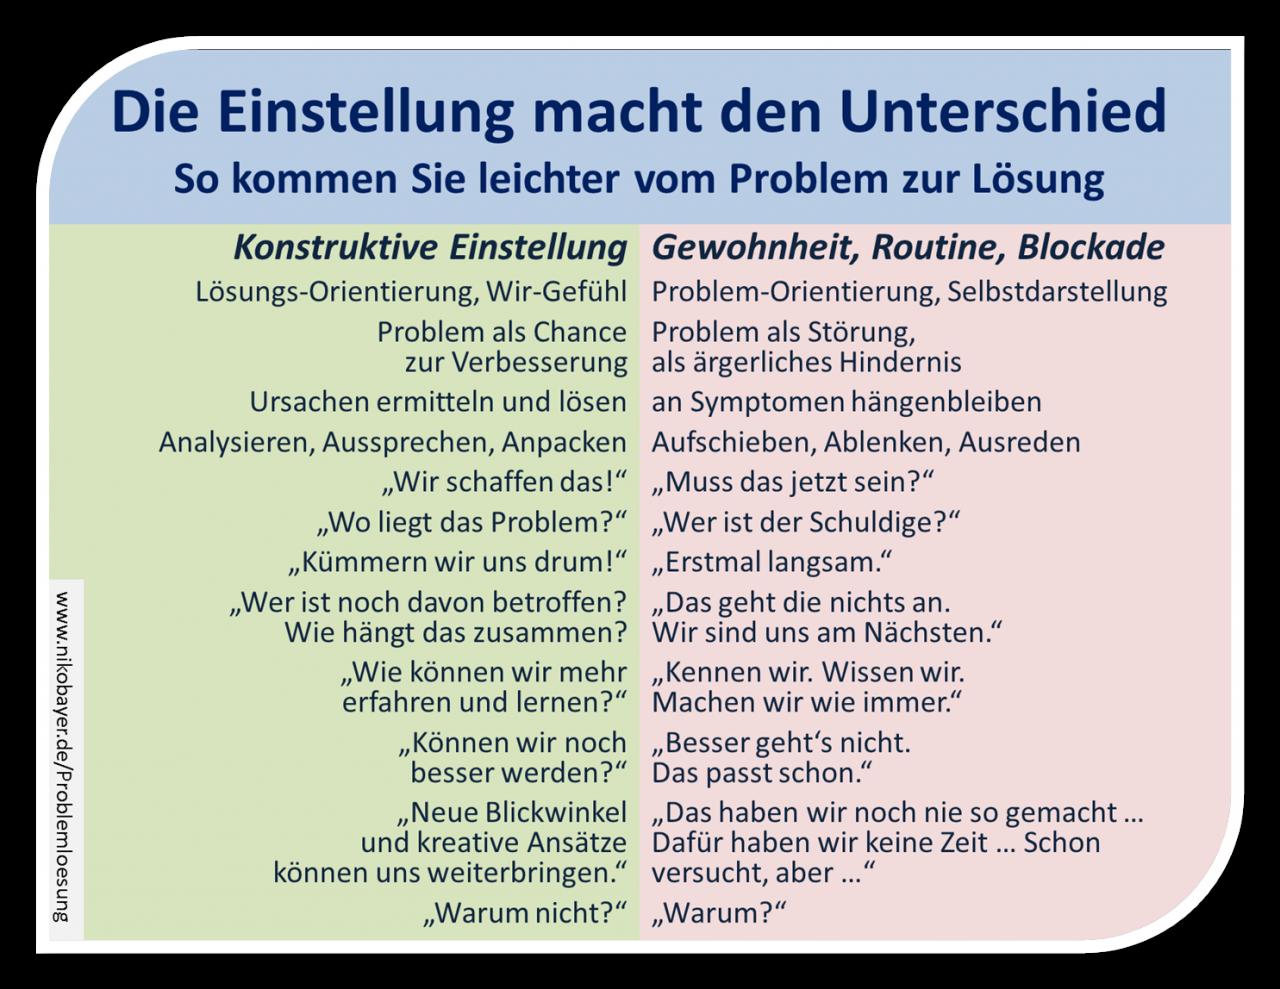 Vom Problem Zur Losung Werkzeuge Zur Konstruktiven Problemlosung Und Standigen Verbesserung Praxis Train Psychologie Lernen Sozialkompetenz Menschenfuhrung